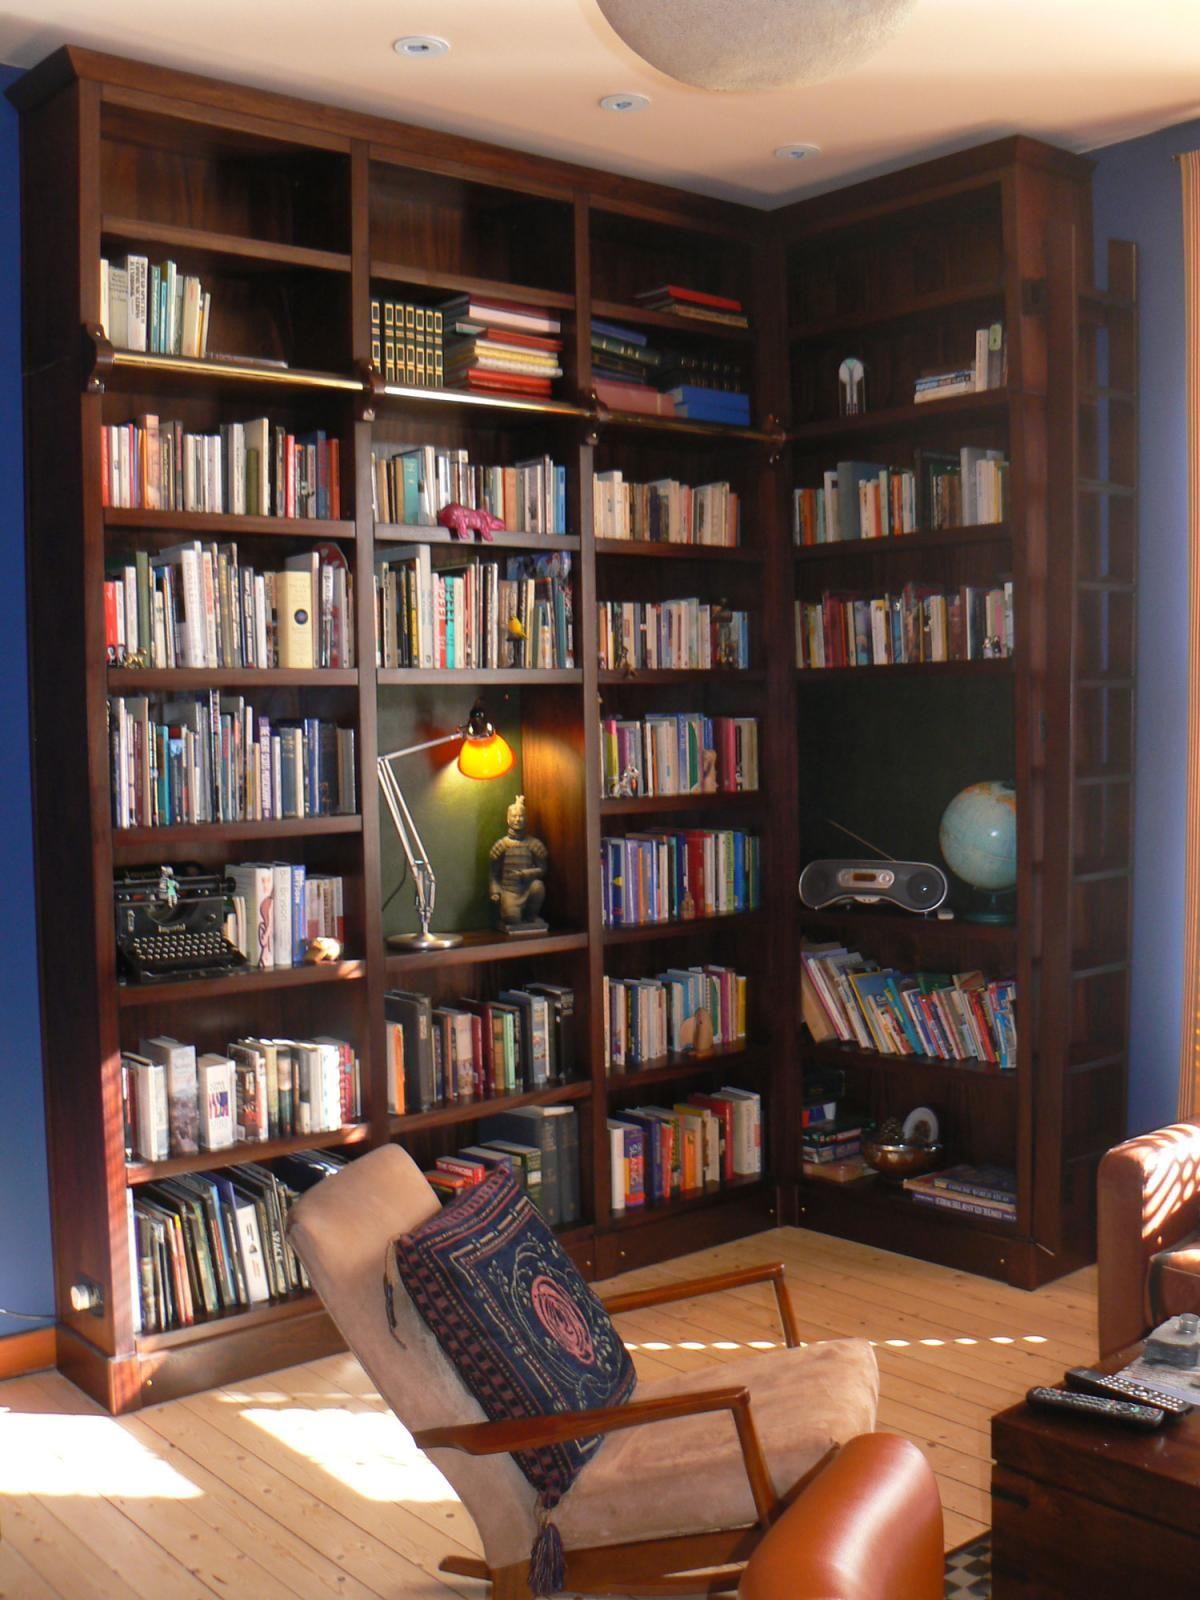 Napier Dark Mahogany Bookshelf #repisas http://cnc.gallery/